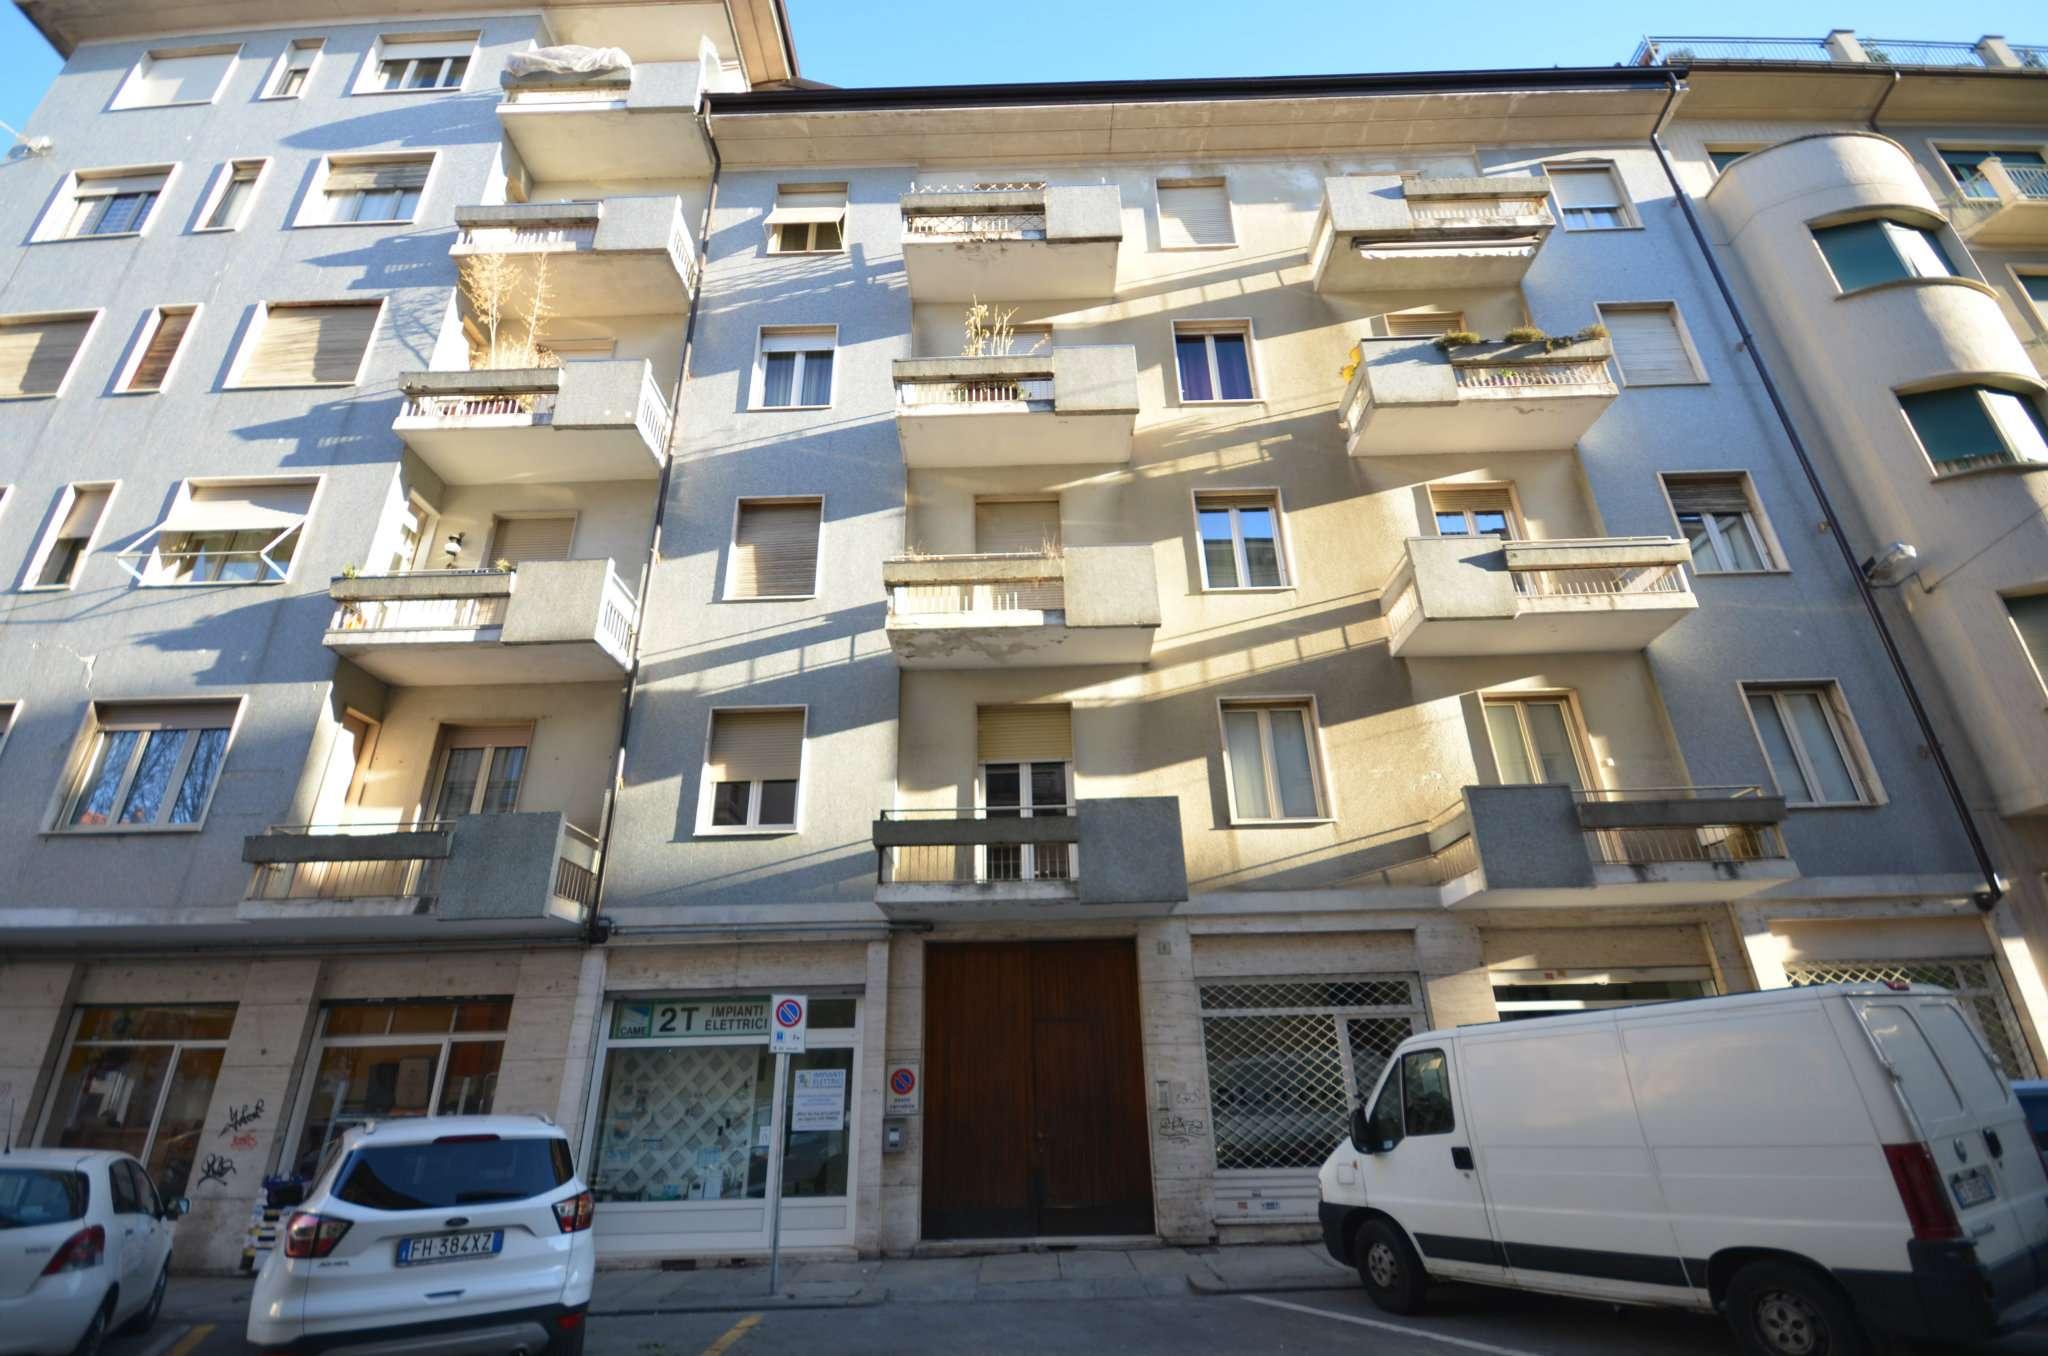 Appartamento in vendita a Cuneo, 4 locali, prezzo € 125.000 | CambioCasa.it